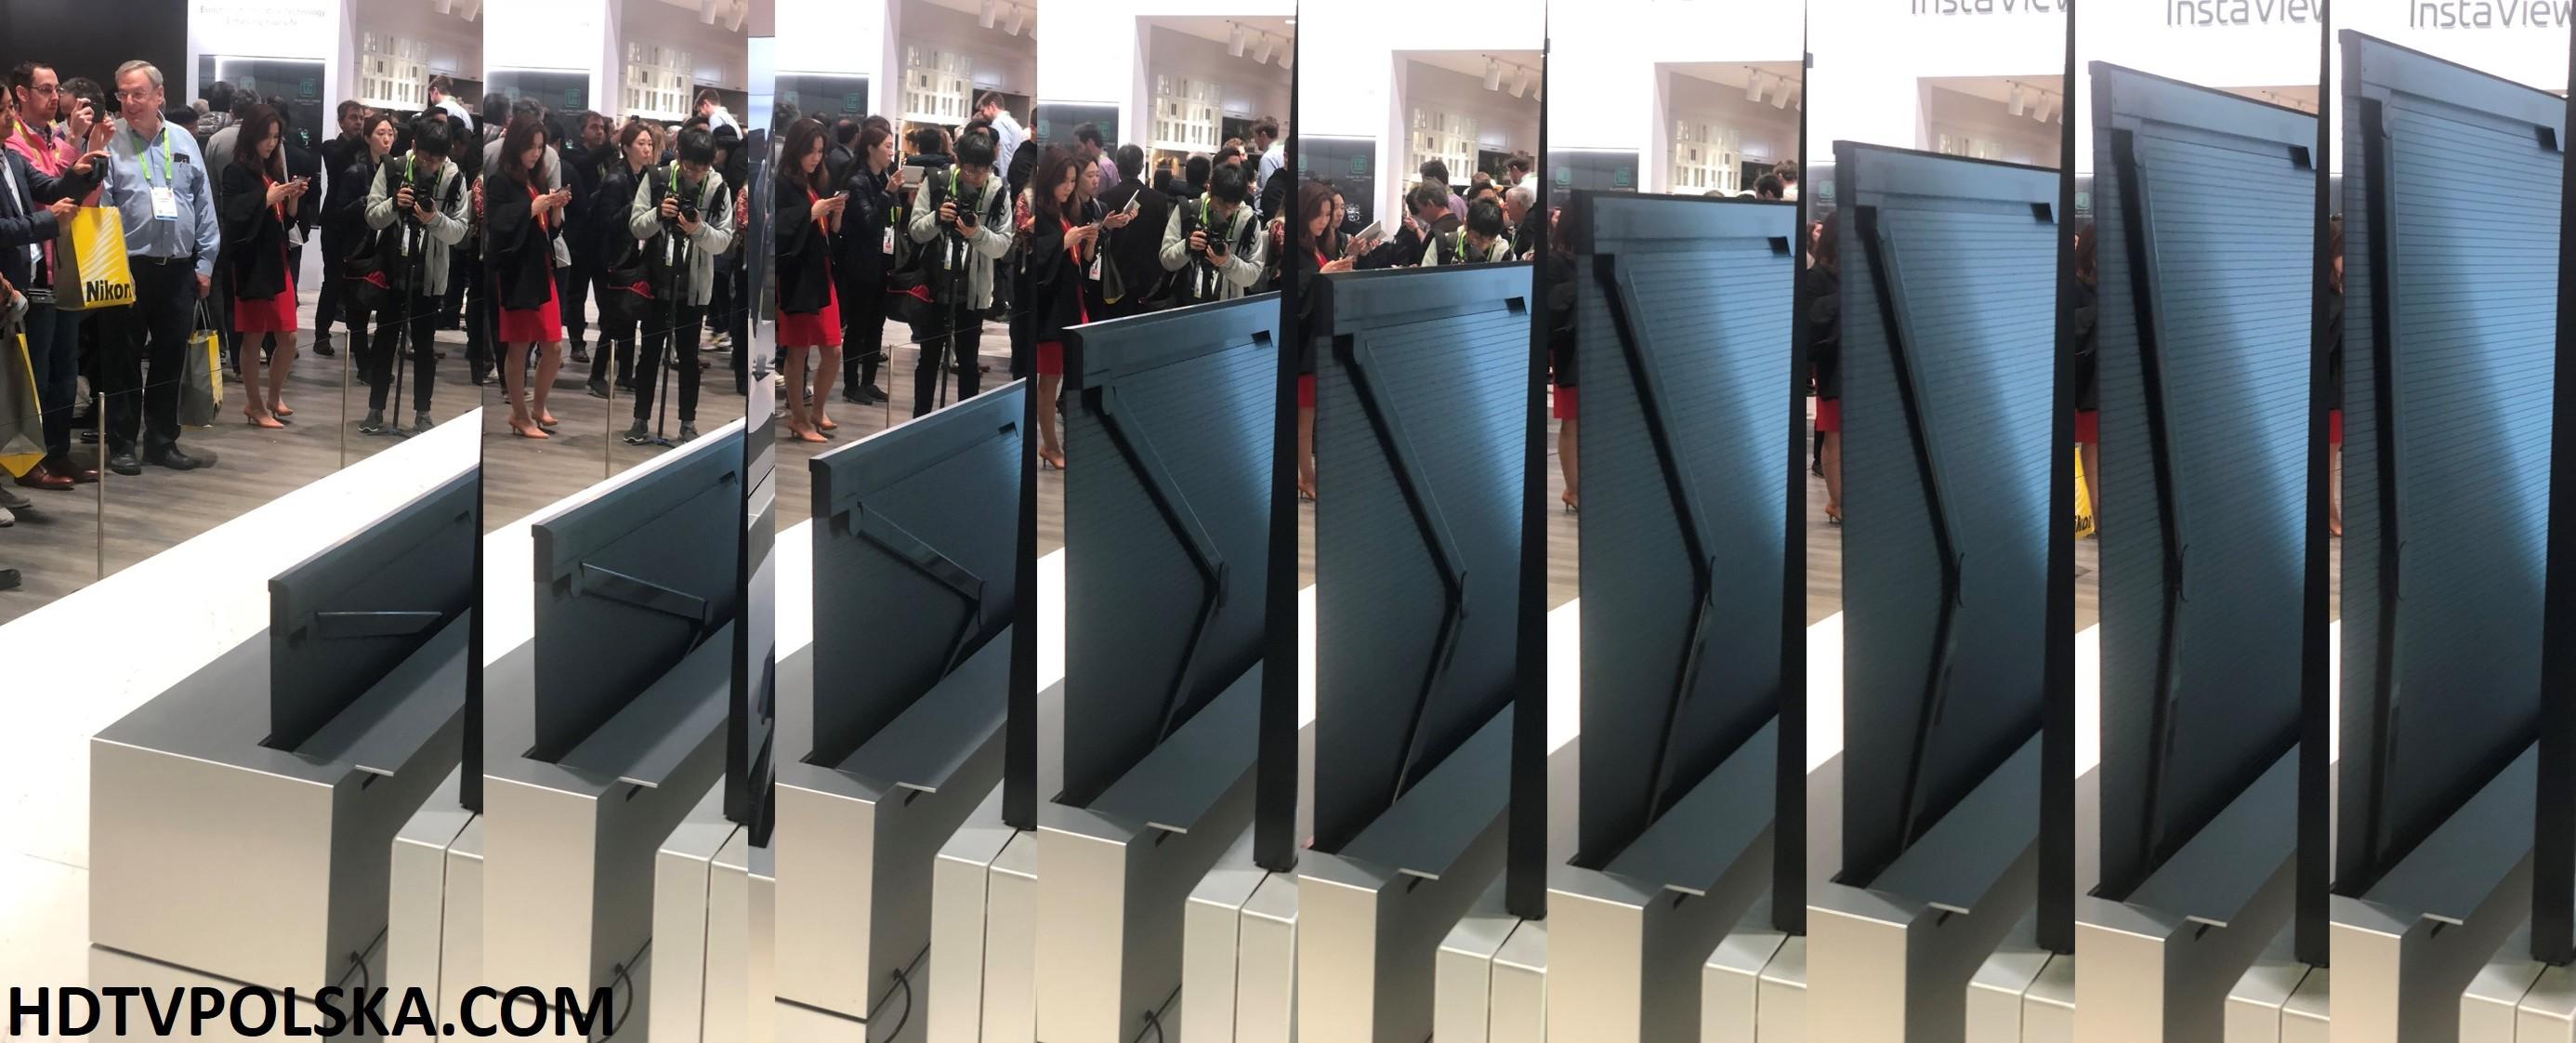 Rolowany TV LG OLED R proces składania